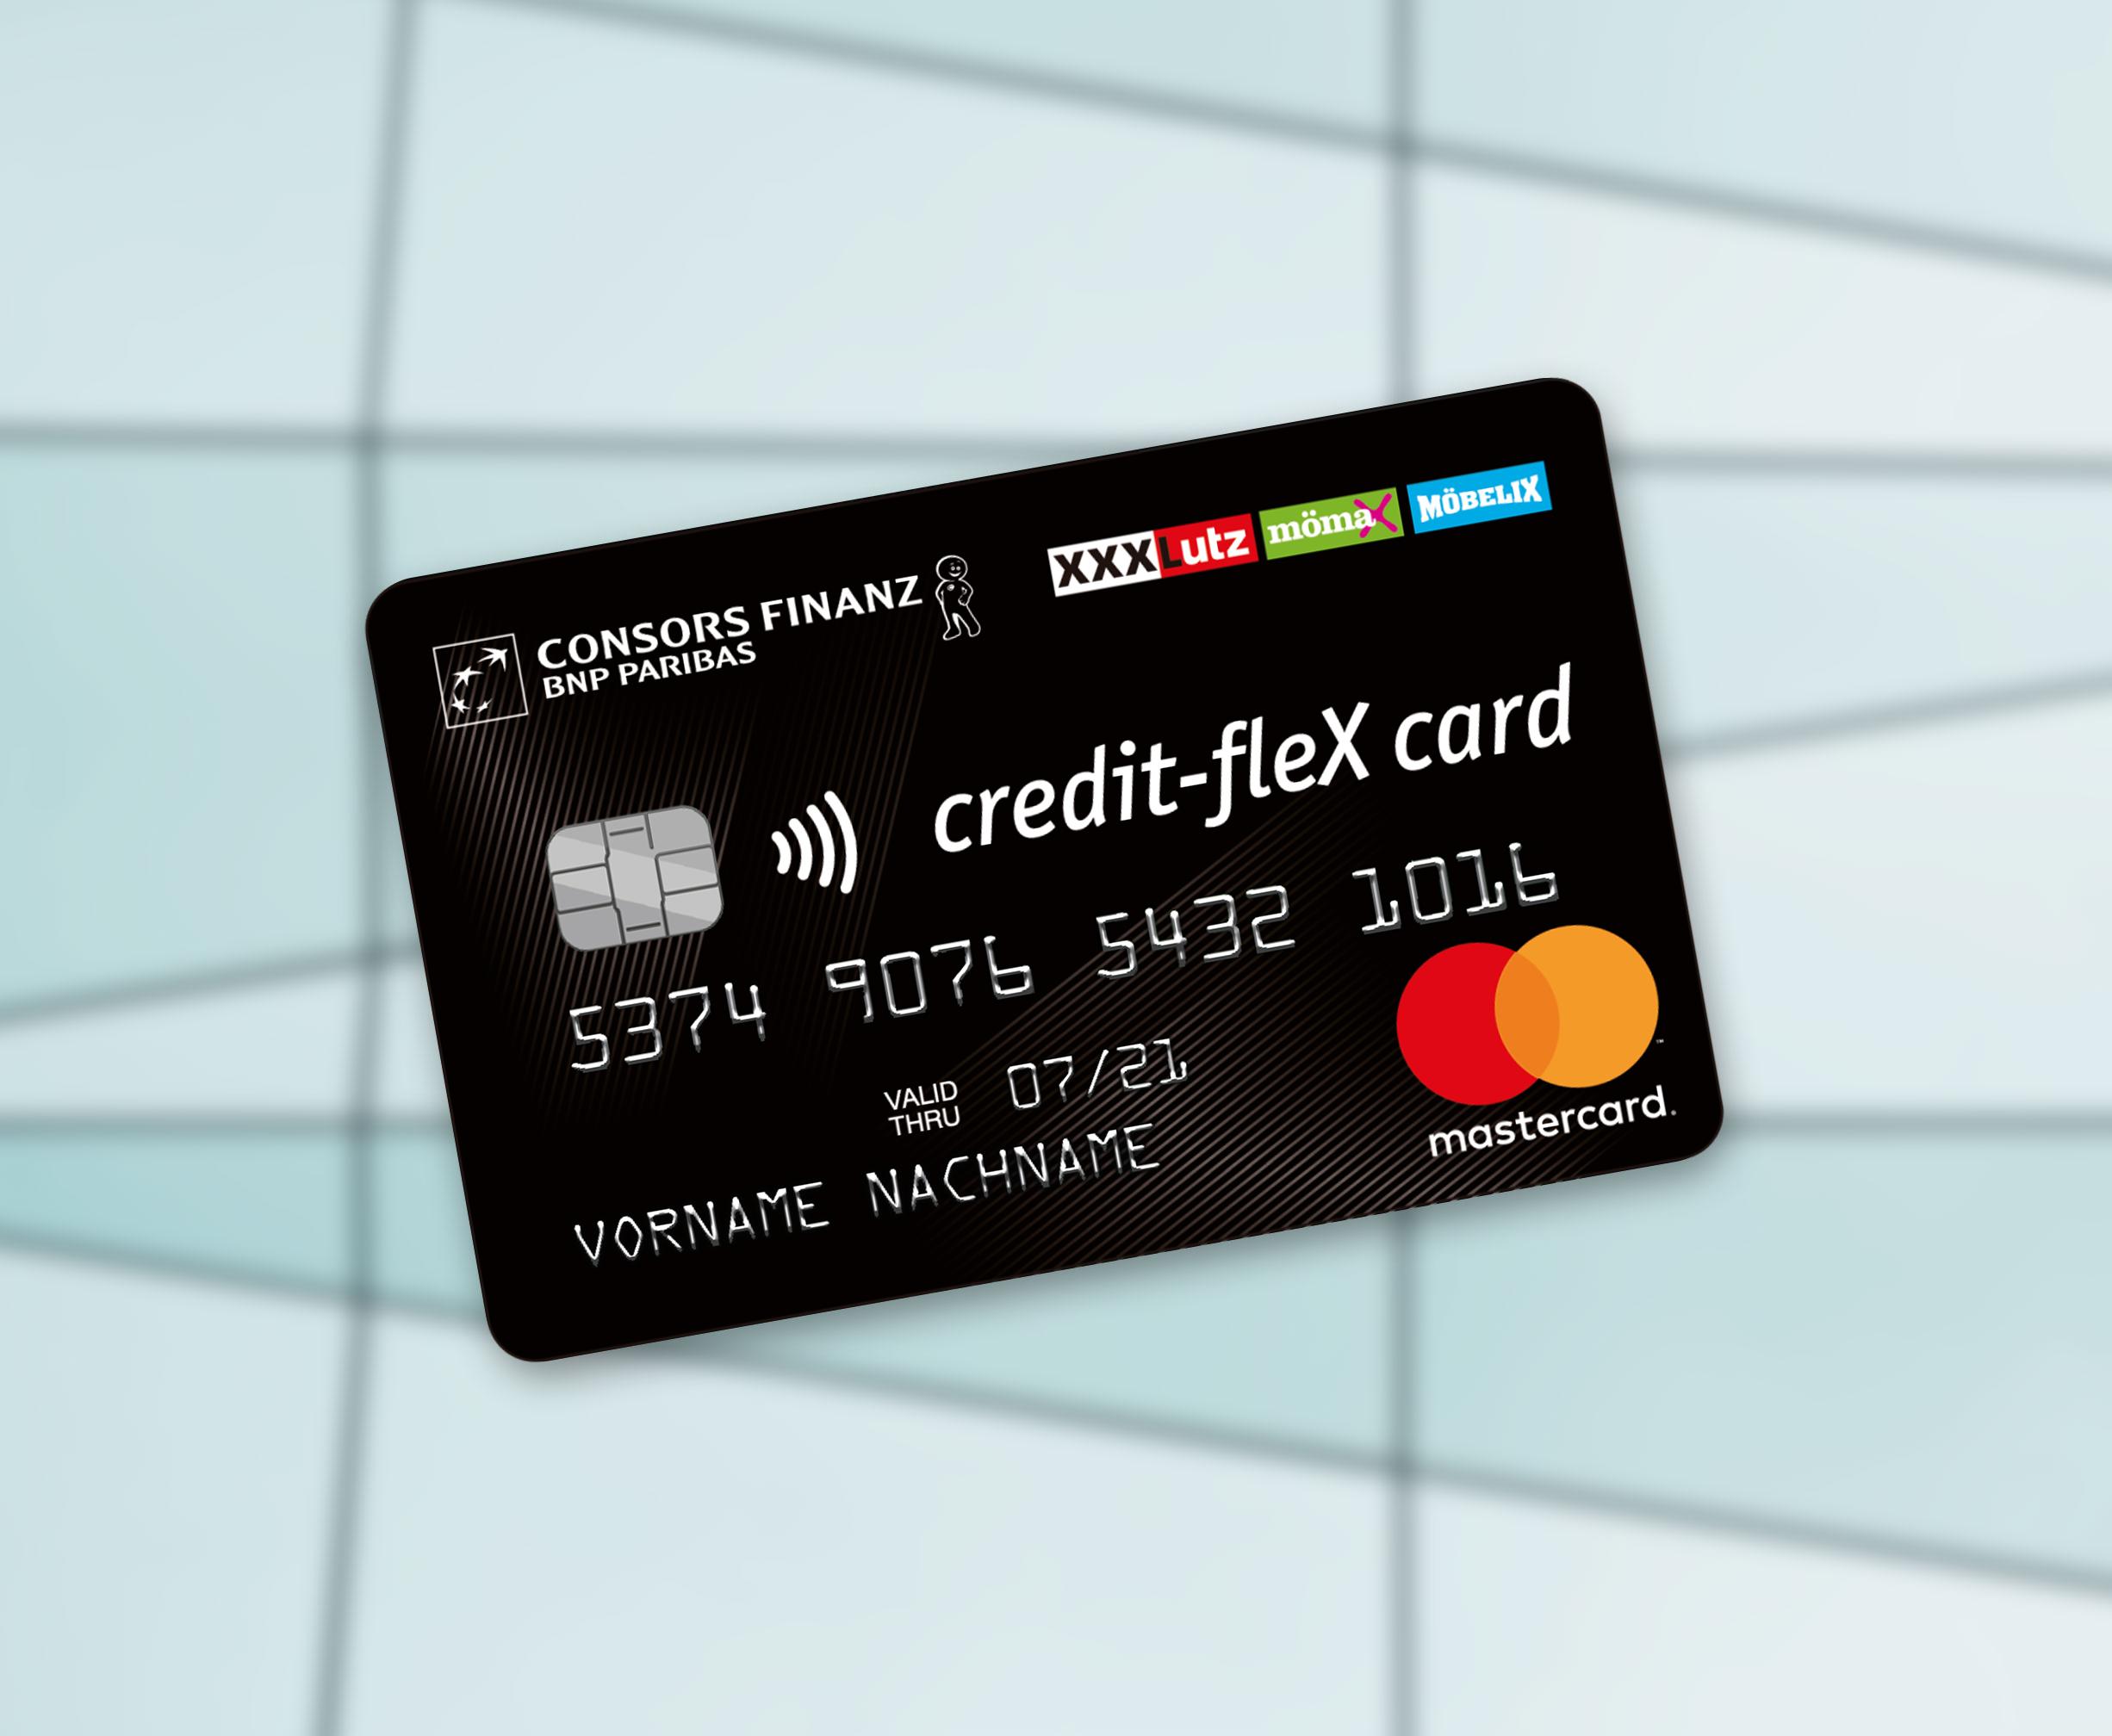 credit flex card kreditkarte zur finanzierung ihrer eink ufe paribas personal finance bnp. Black Bedroom Furniture Sets. Home Design Ideas